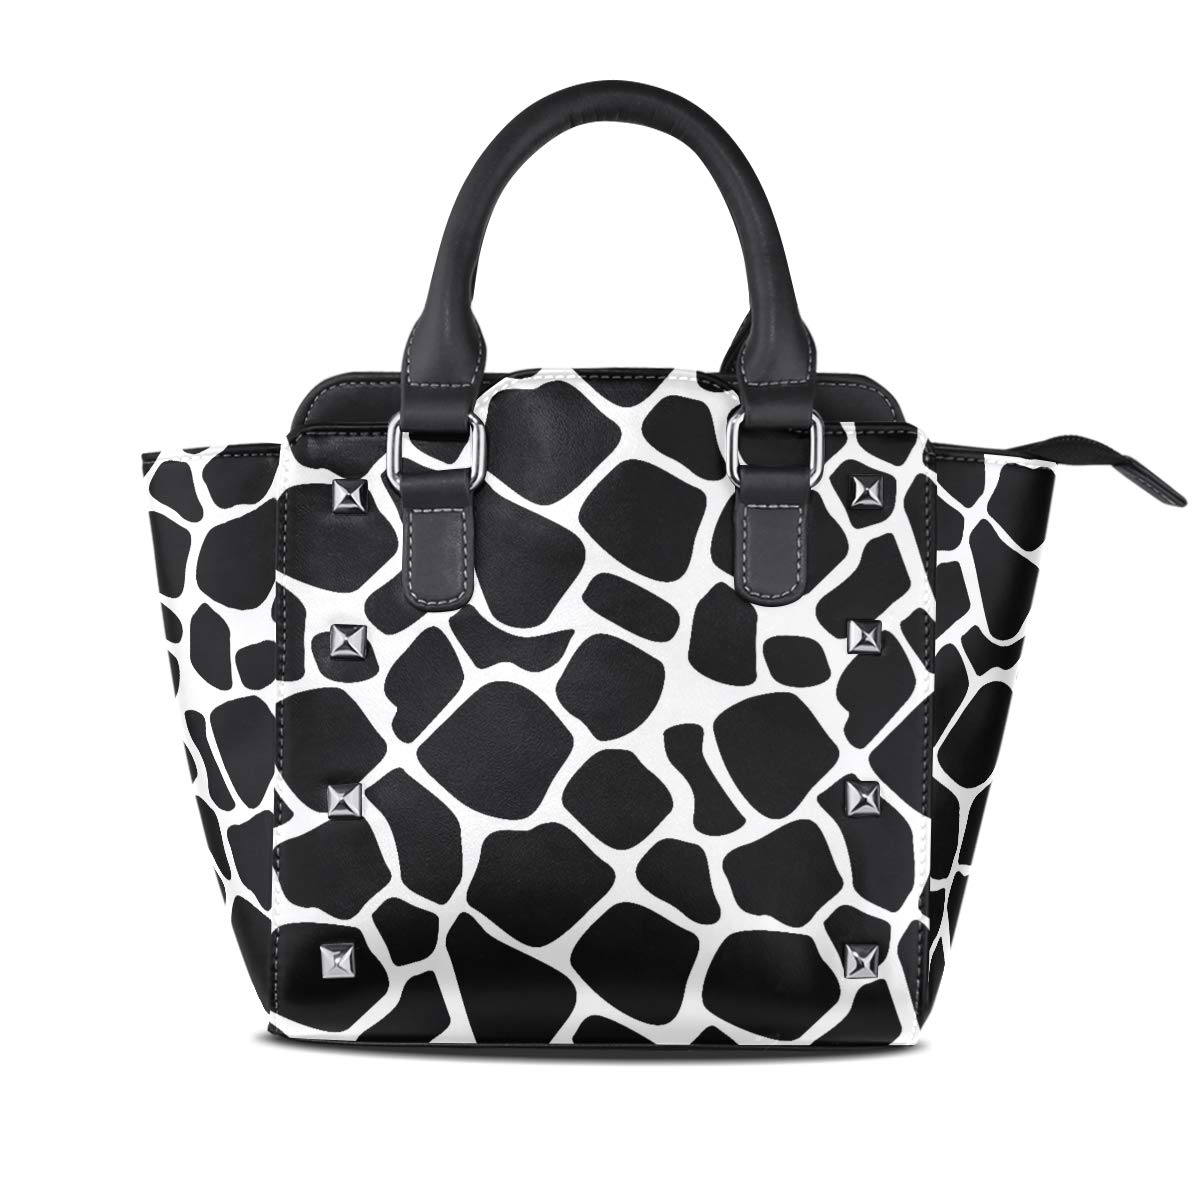 Design5 Handbag LongHorned Cat And Unicorn Genuine Leather Tote Rivet Bag Shoulder Strap Top Handle Women